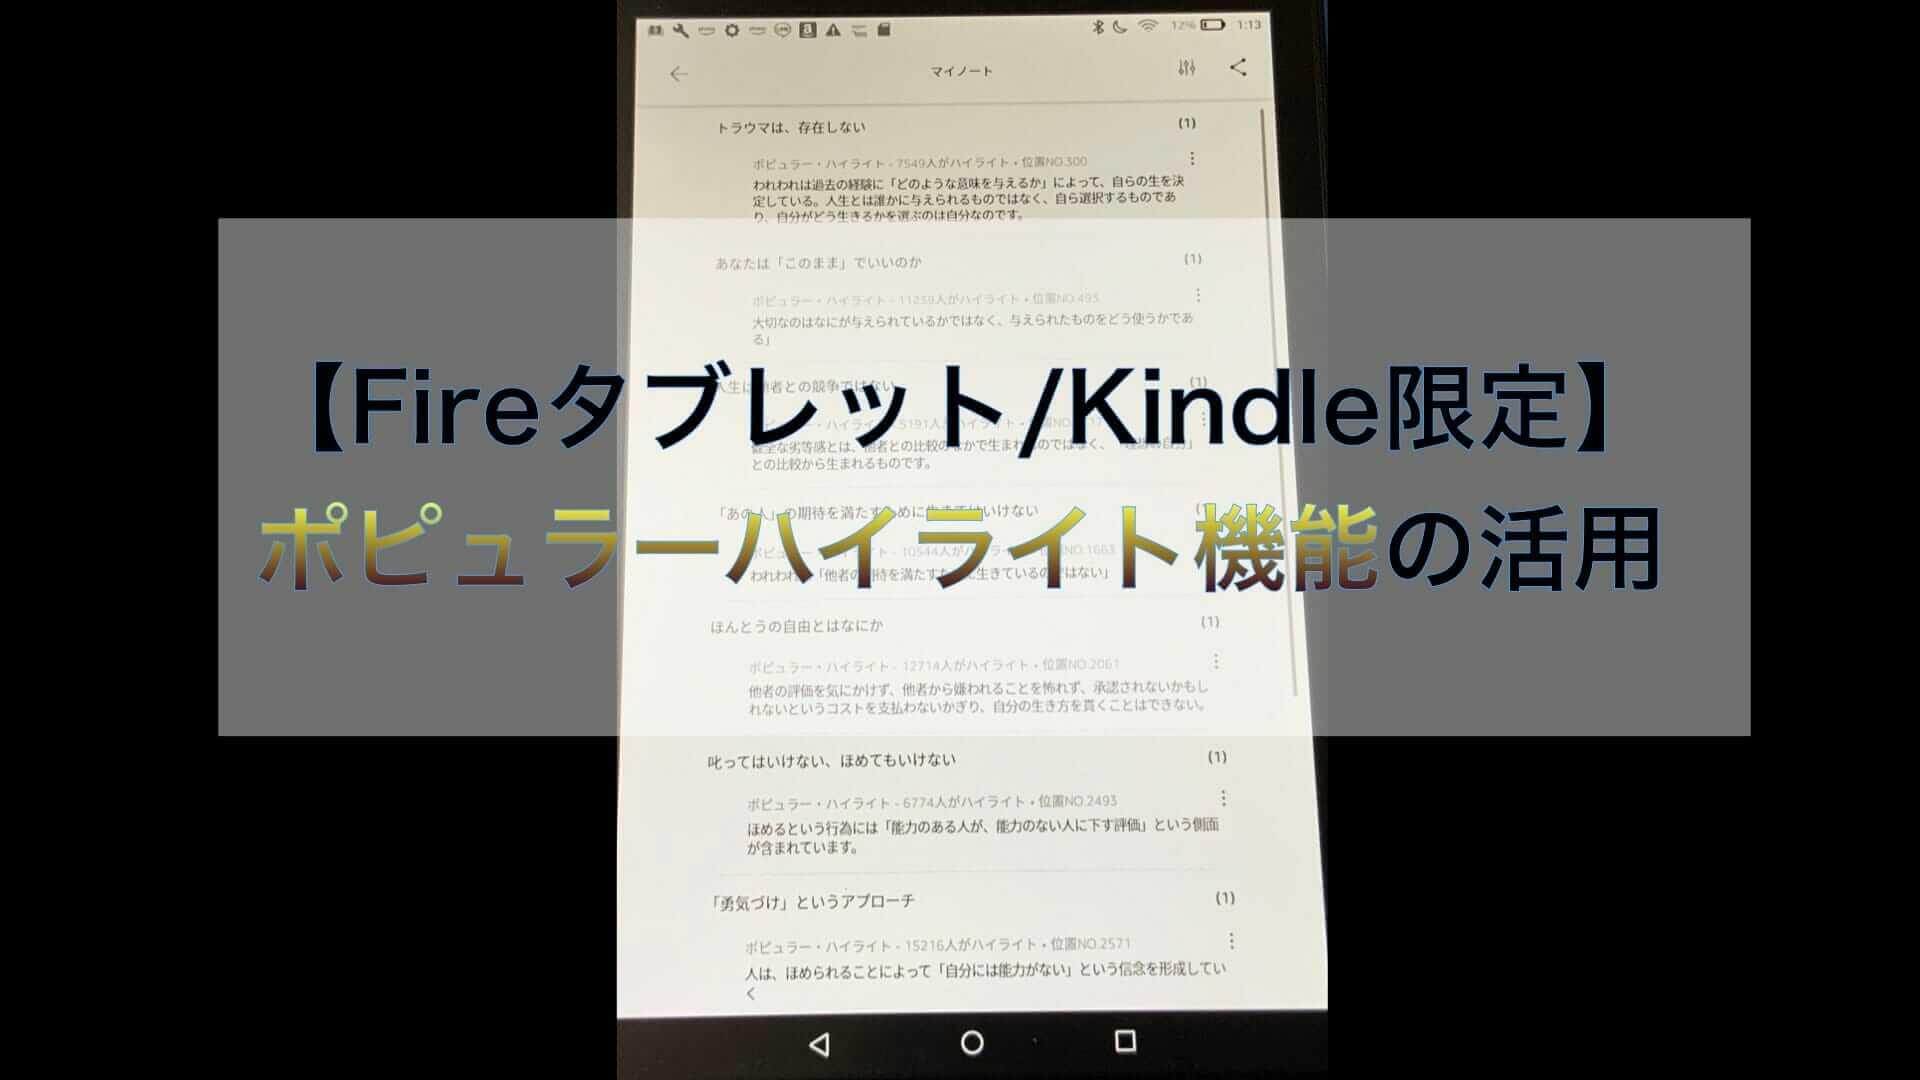 ポピュラーハイライト機能のすすめ【Kindle/Fireタブレット限定】